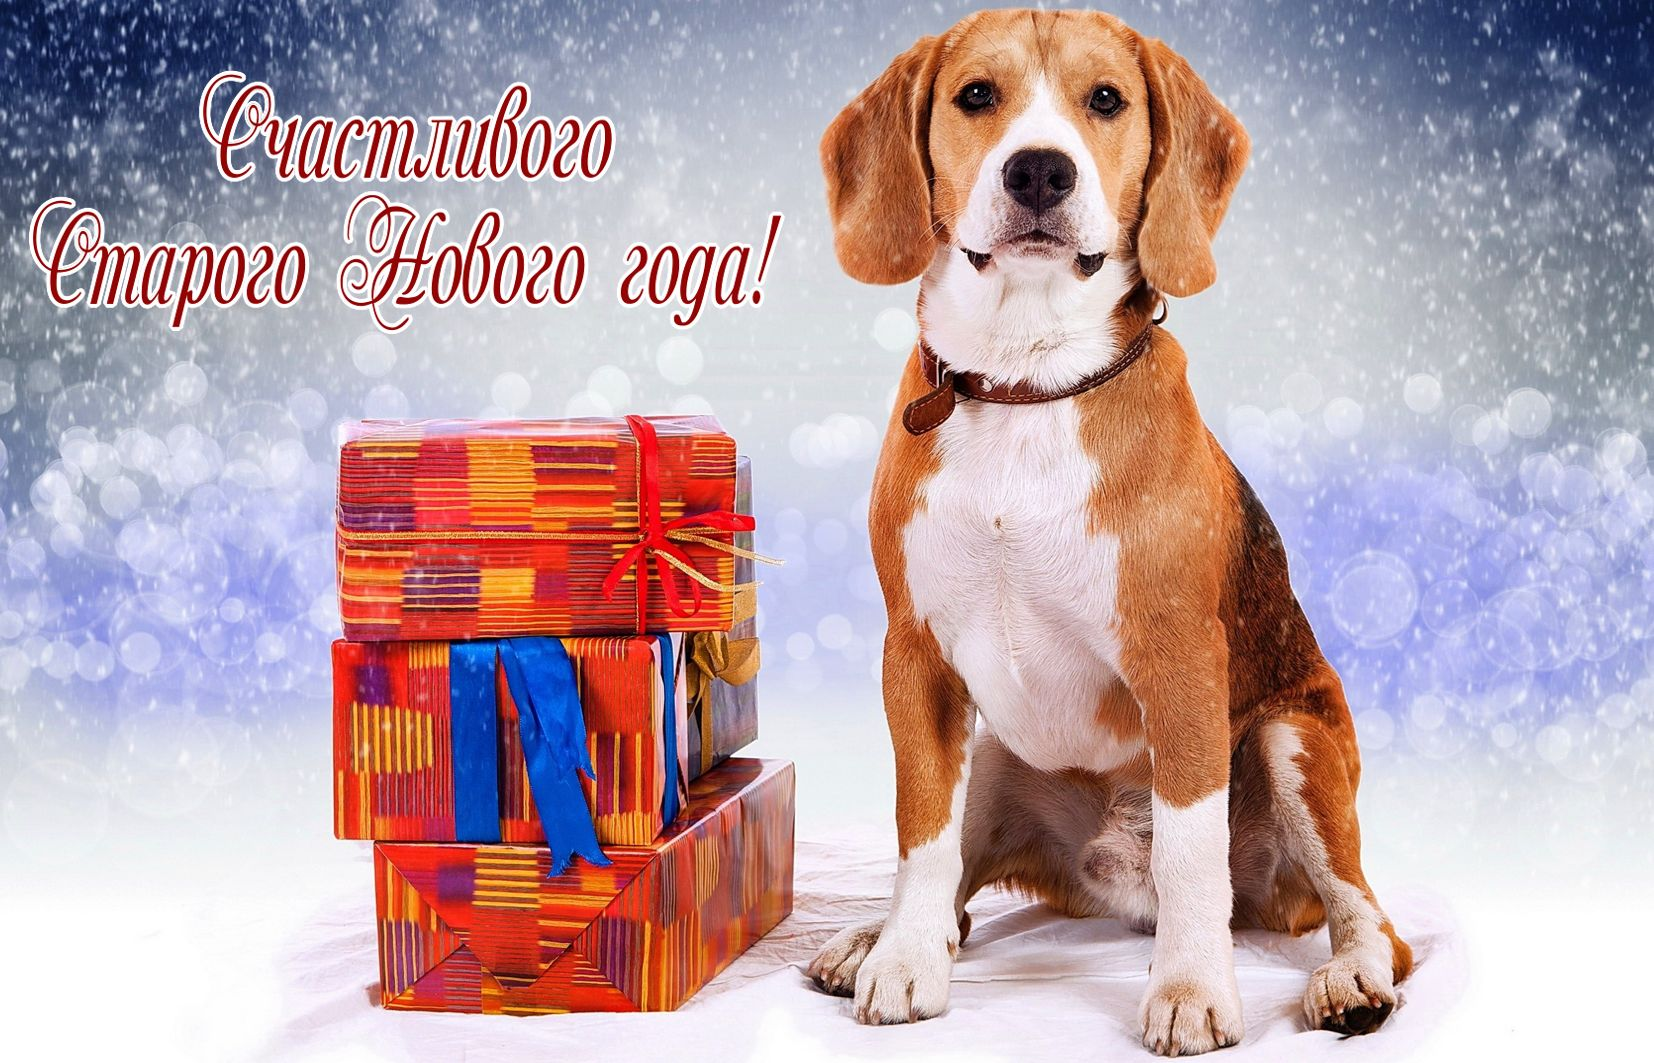 Открытка со Старым Новым годом - красивая собачка со стопкой подарков